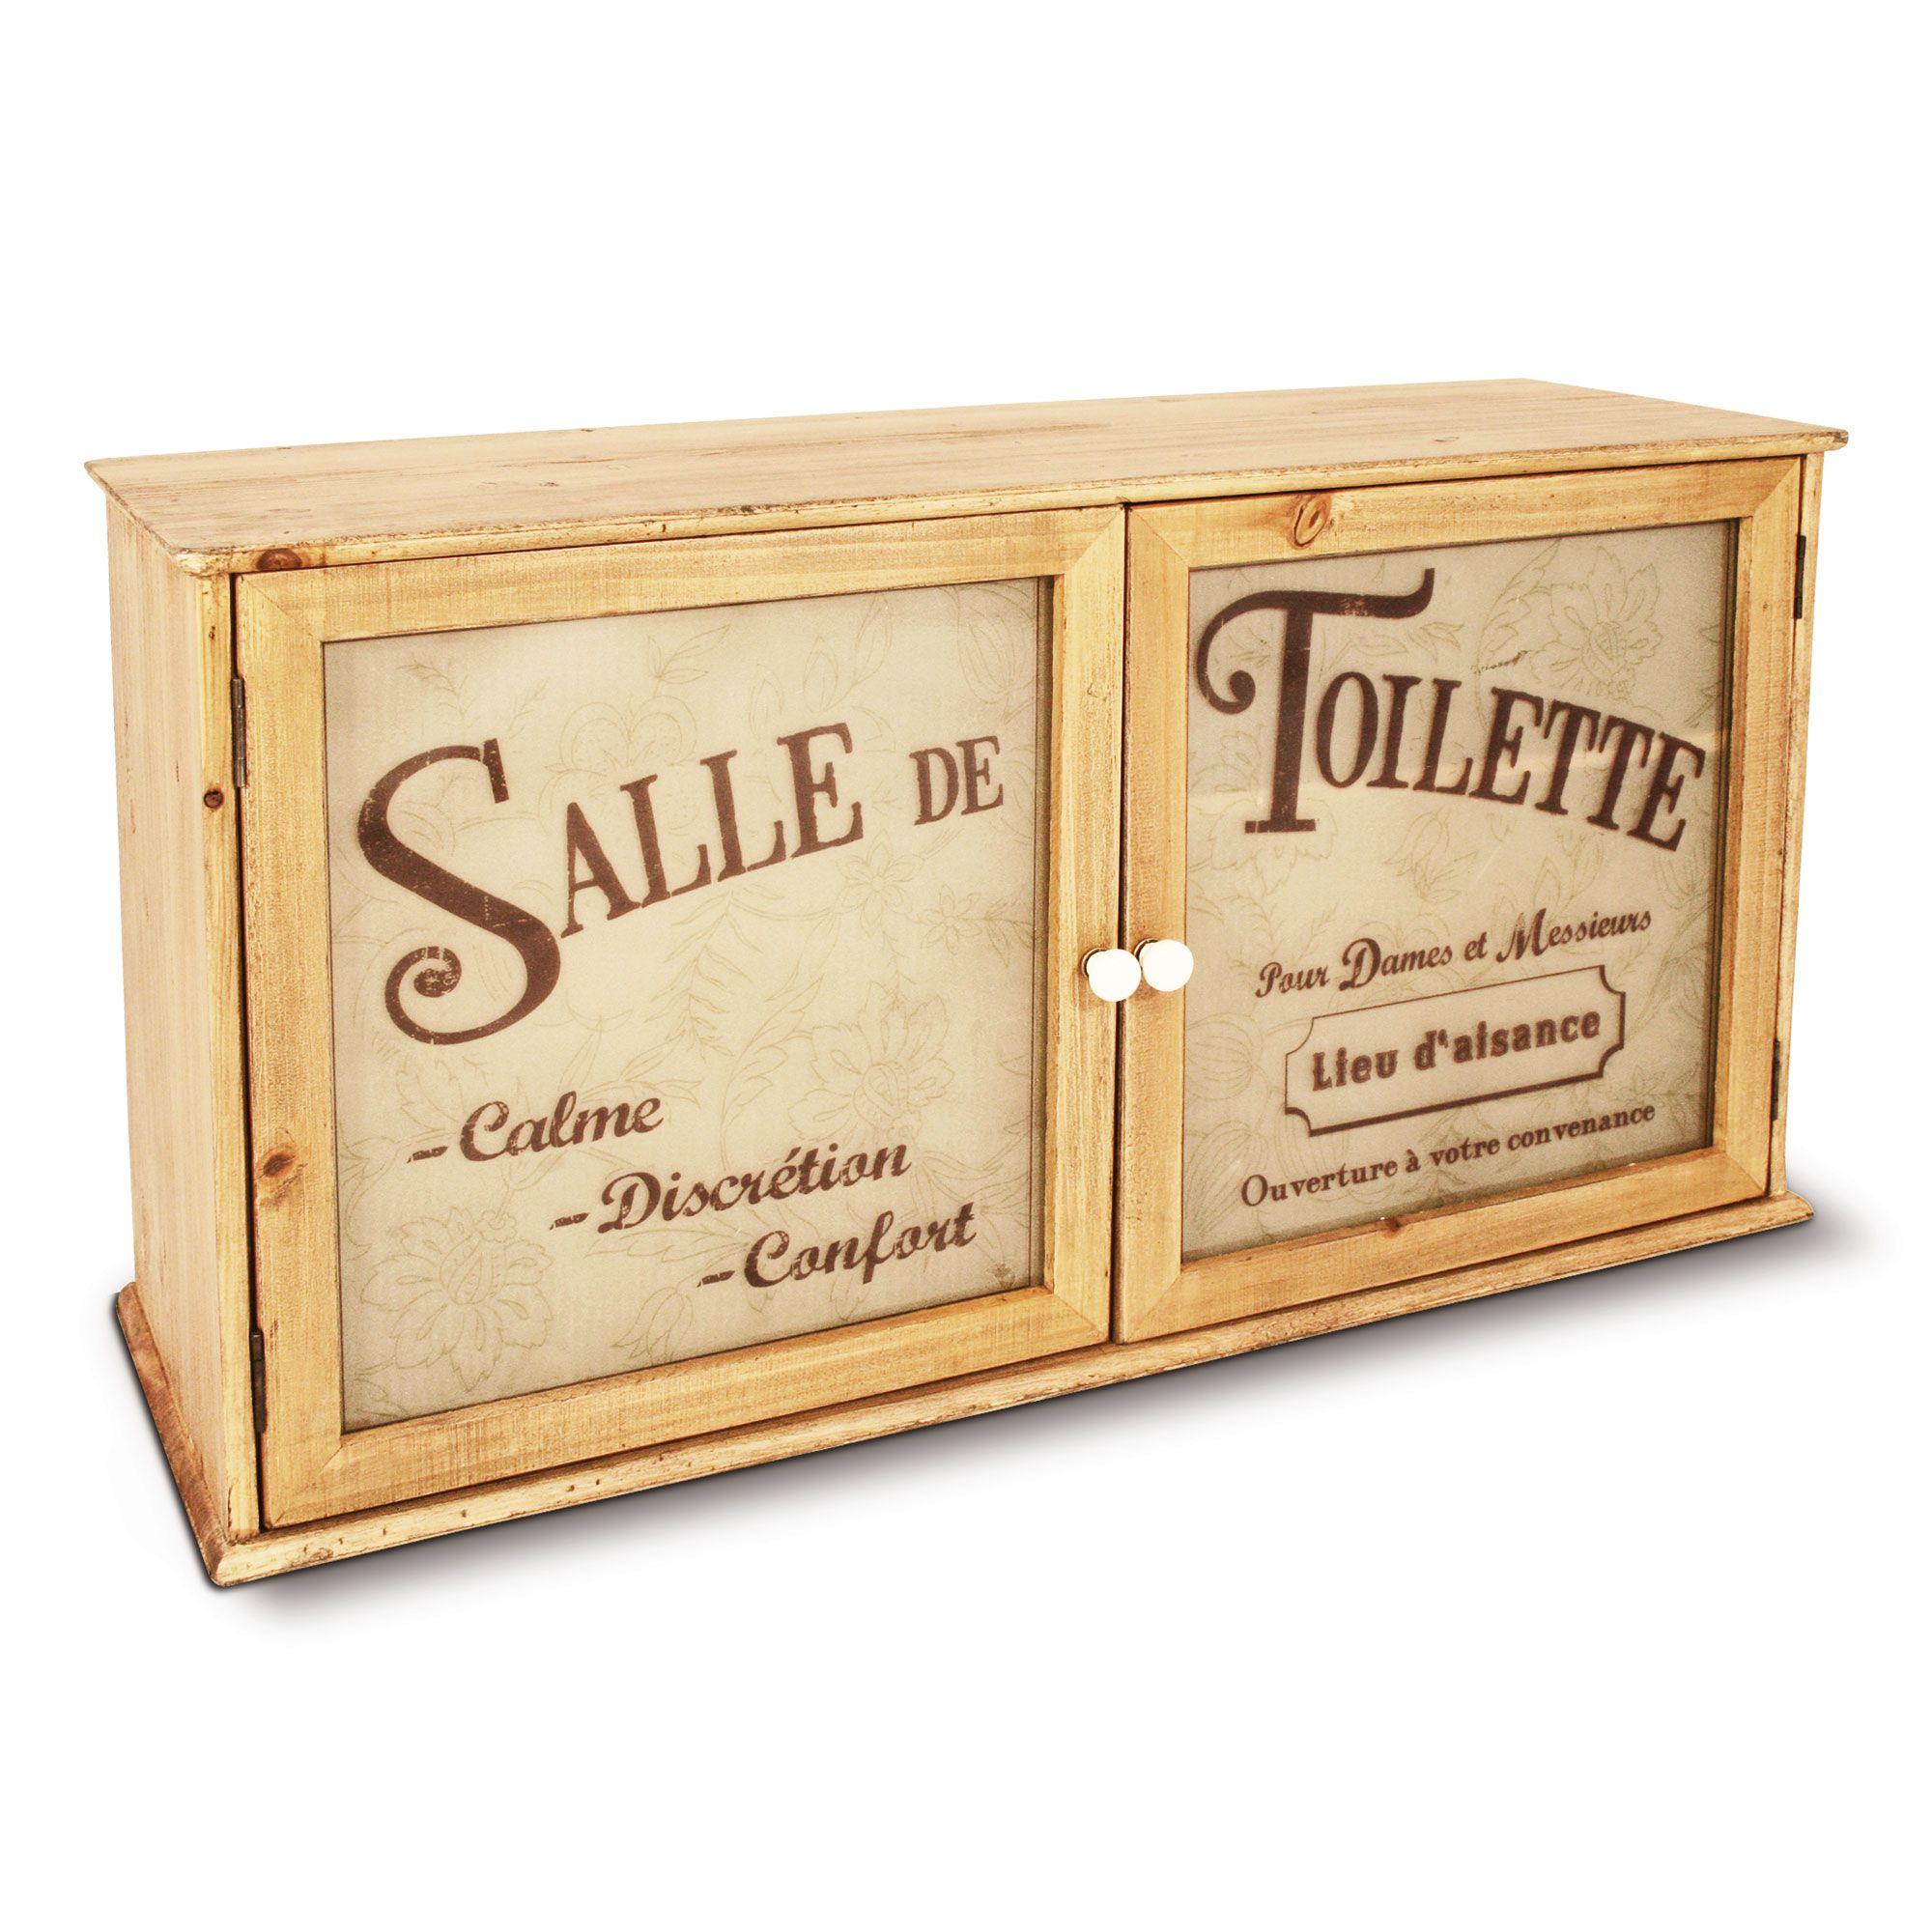 Meuble wc en bois 2 portes salle de toilette baln o for Petit meuble d appoint pas cher